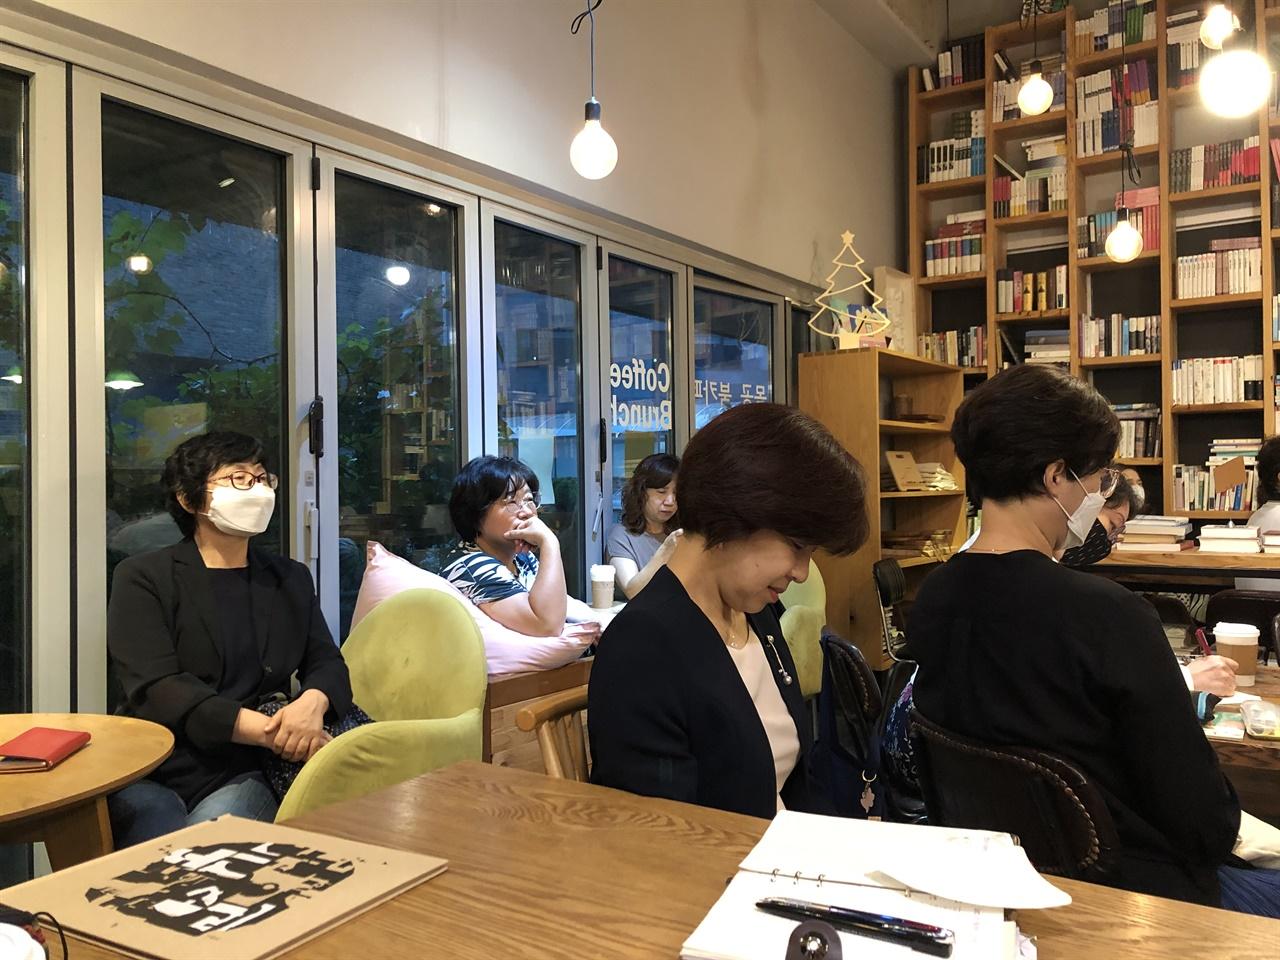 강연을 듣는 사람들 왼쪽에서 두 번째 앉은 사람이 미디어북톡 정진희 대표다